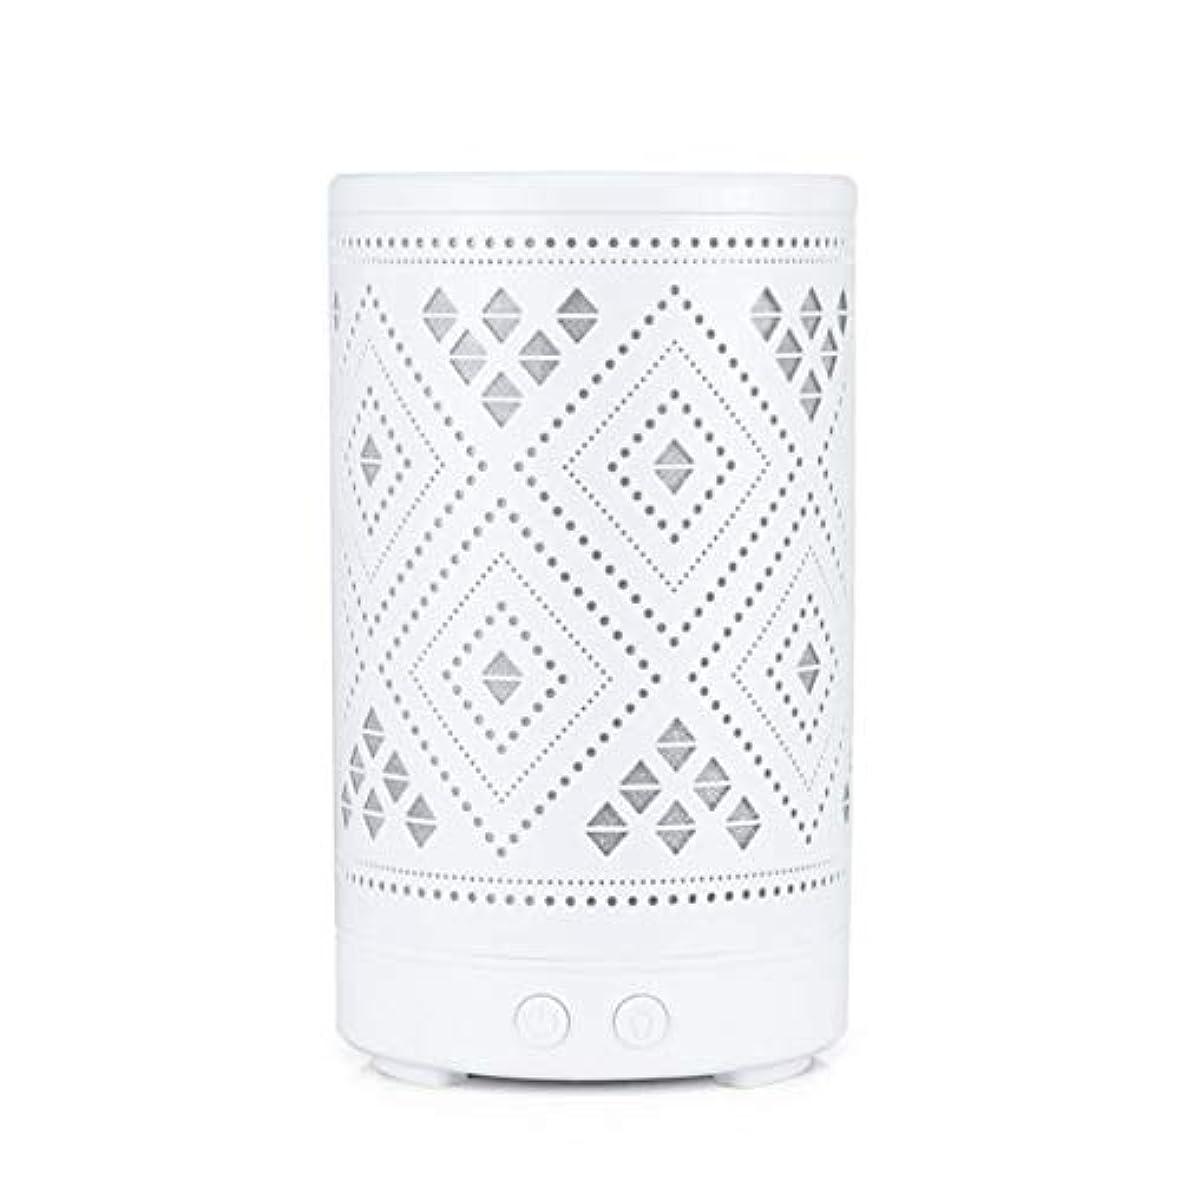 モート復活ホイップクラシック ミニ 中空 加湿器,涼しい霧 7 色 デスクトップ 加湿機 精油 ディフューザー アロマネブライザー Yoga ベッド 寮- 100ml